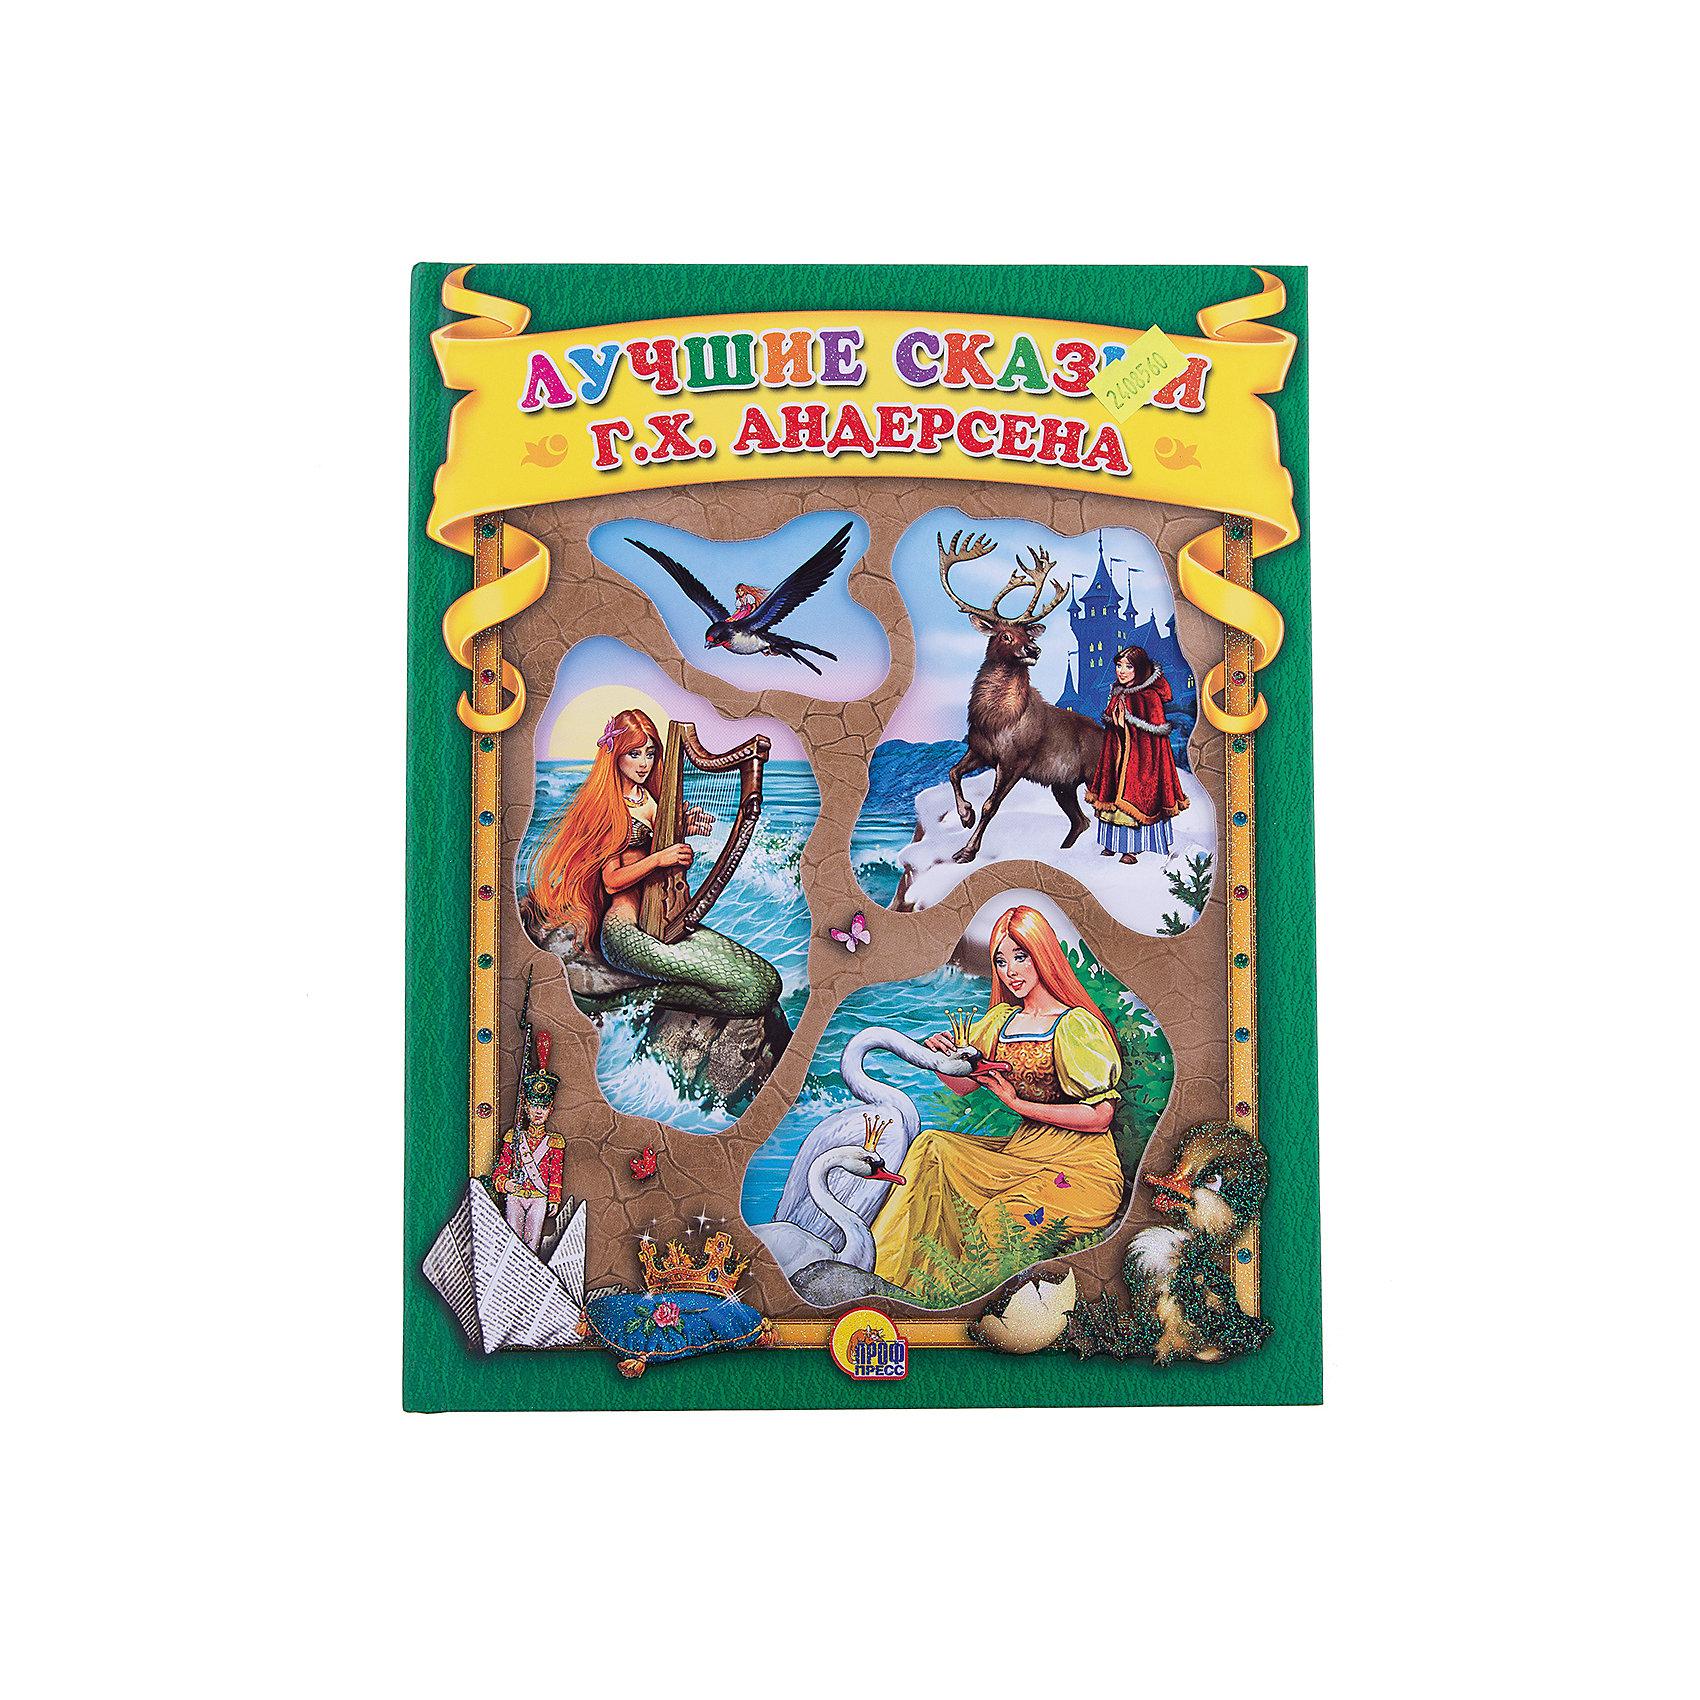 Проф-Пресс Лучшие сказки для маленьких, Г. Х. Андерсен андерсен х самые любимые сказки